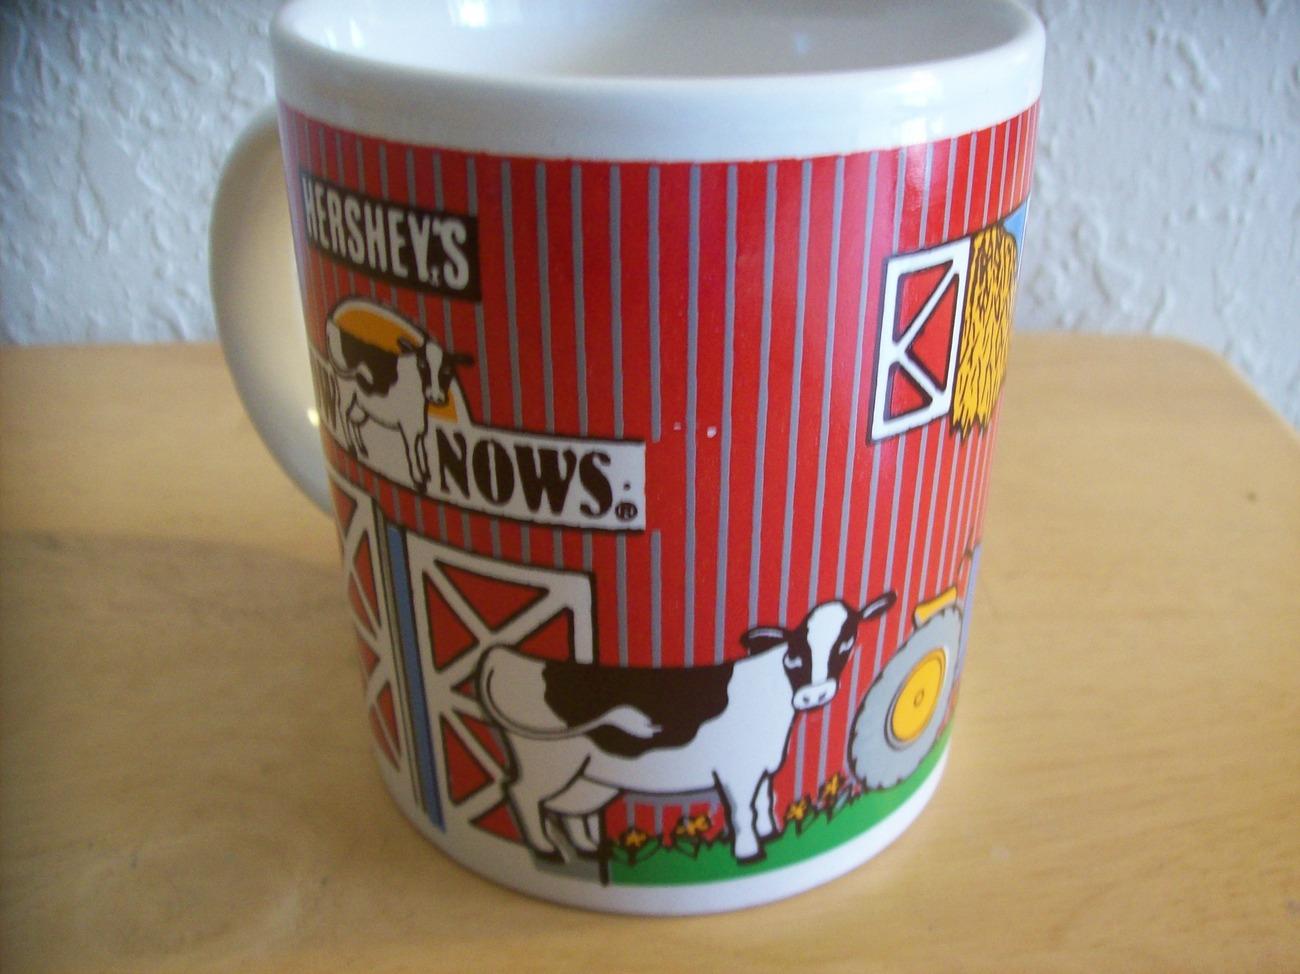 Hershey's Chocolate How Nows Cow Coffee Mug  image 2